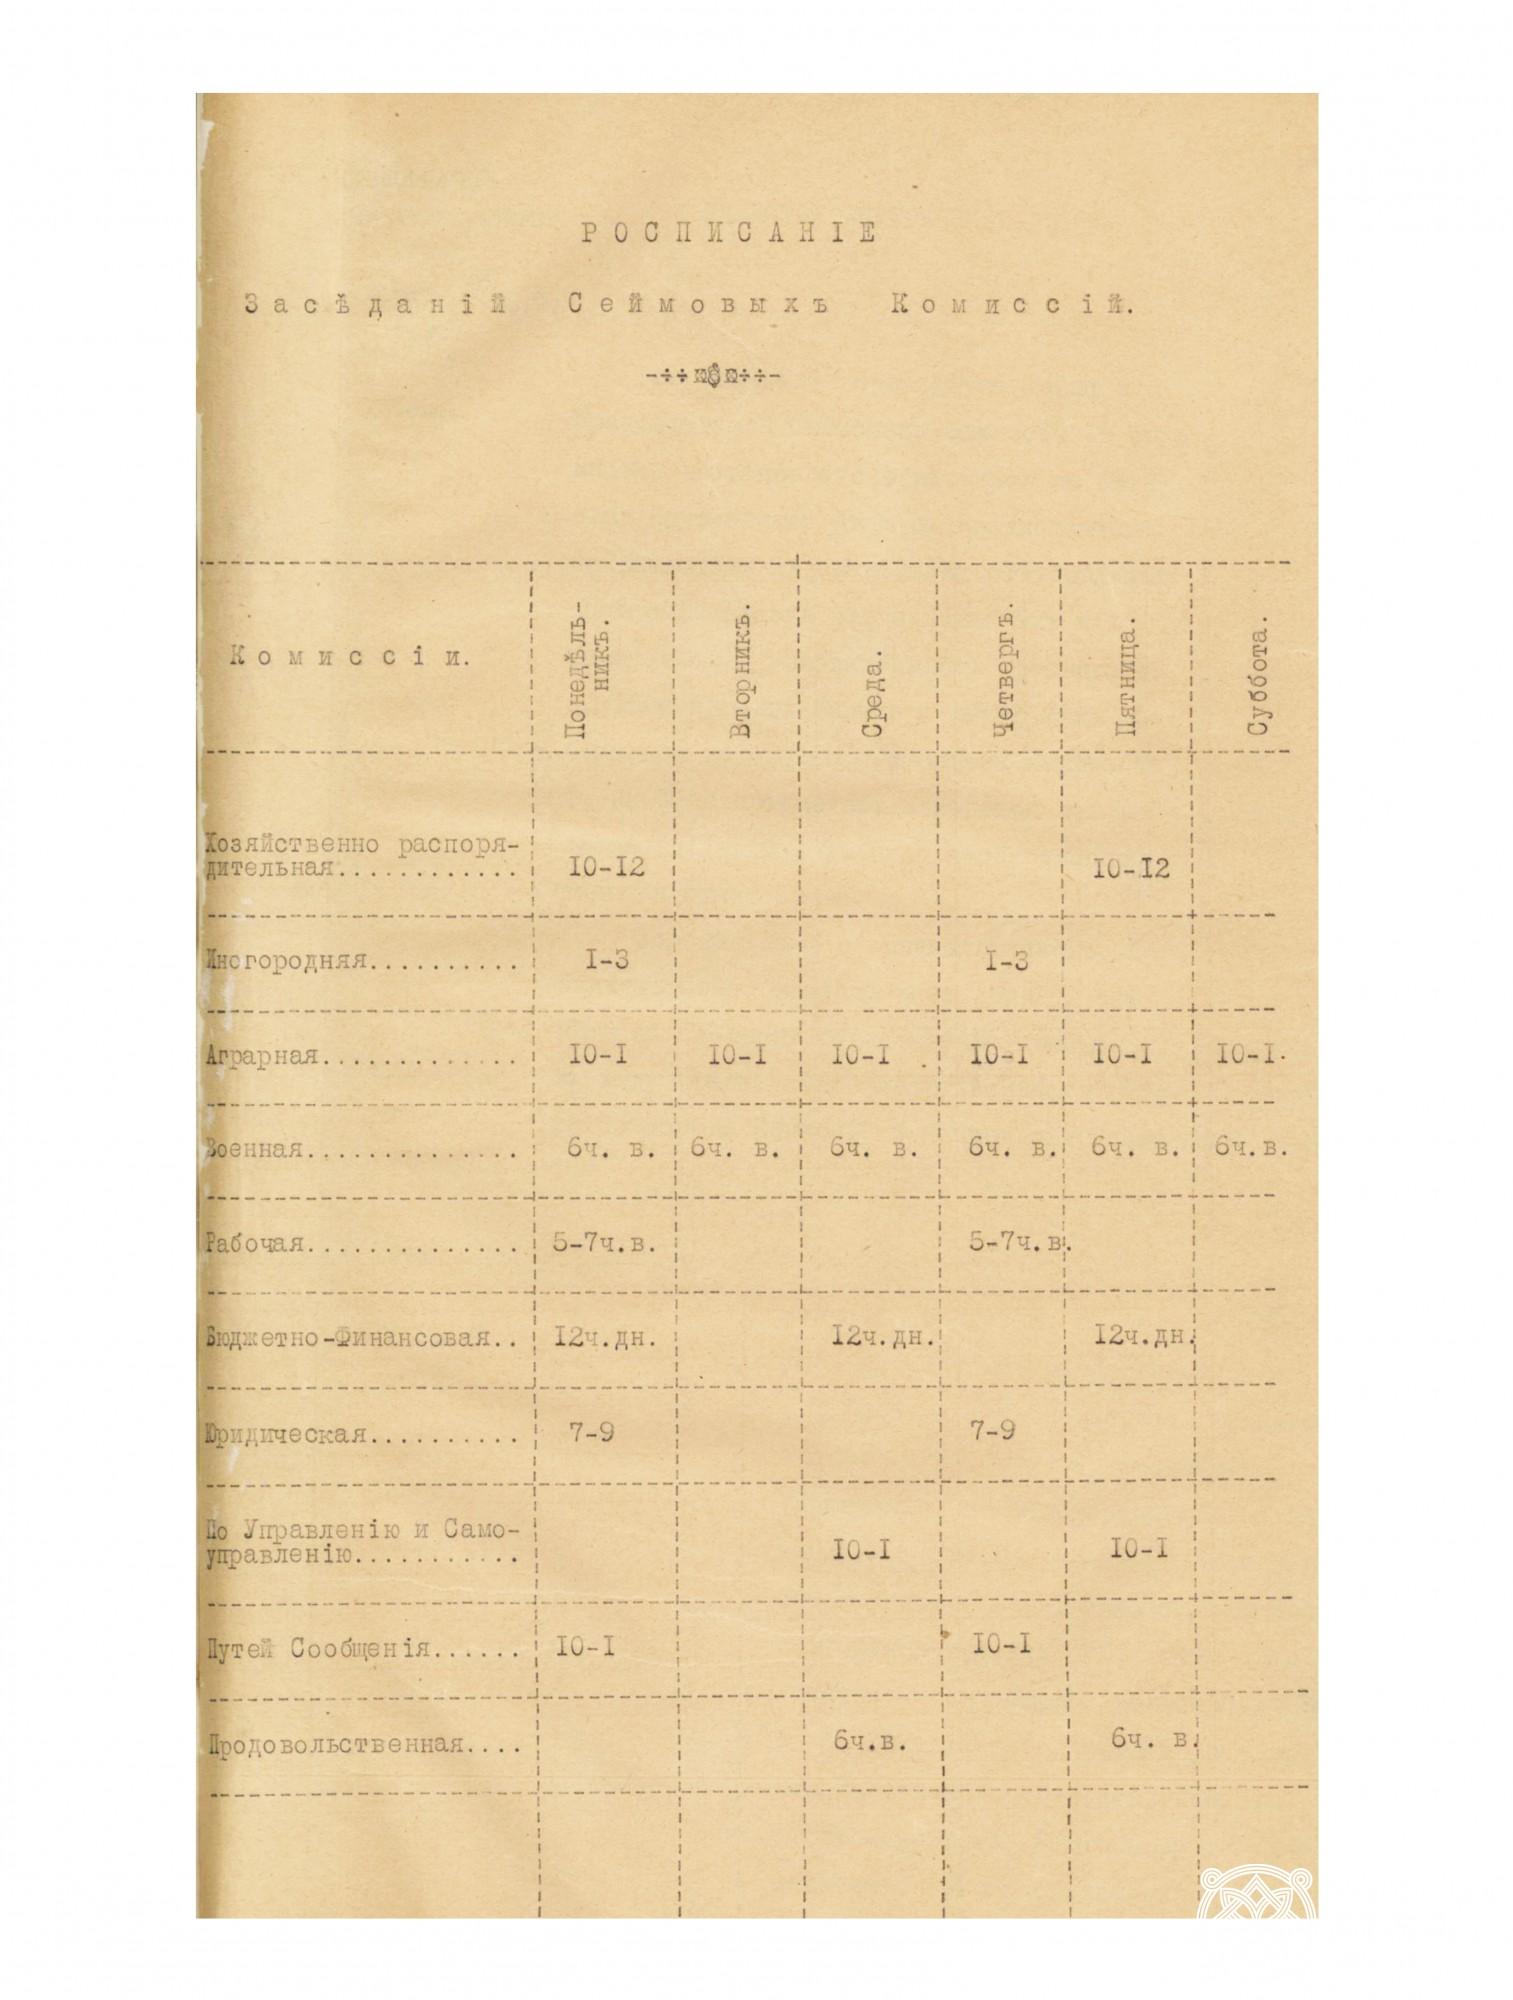 ამიერკავკასიის სეიმის კომისიების მუშაობის განრიგი. <br> 1918 წელი. <br> Schedule of the Transcaucasian Sejm Commissions. <br> 1918.